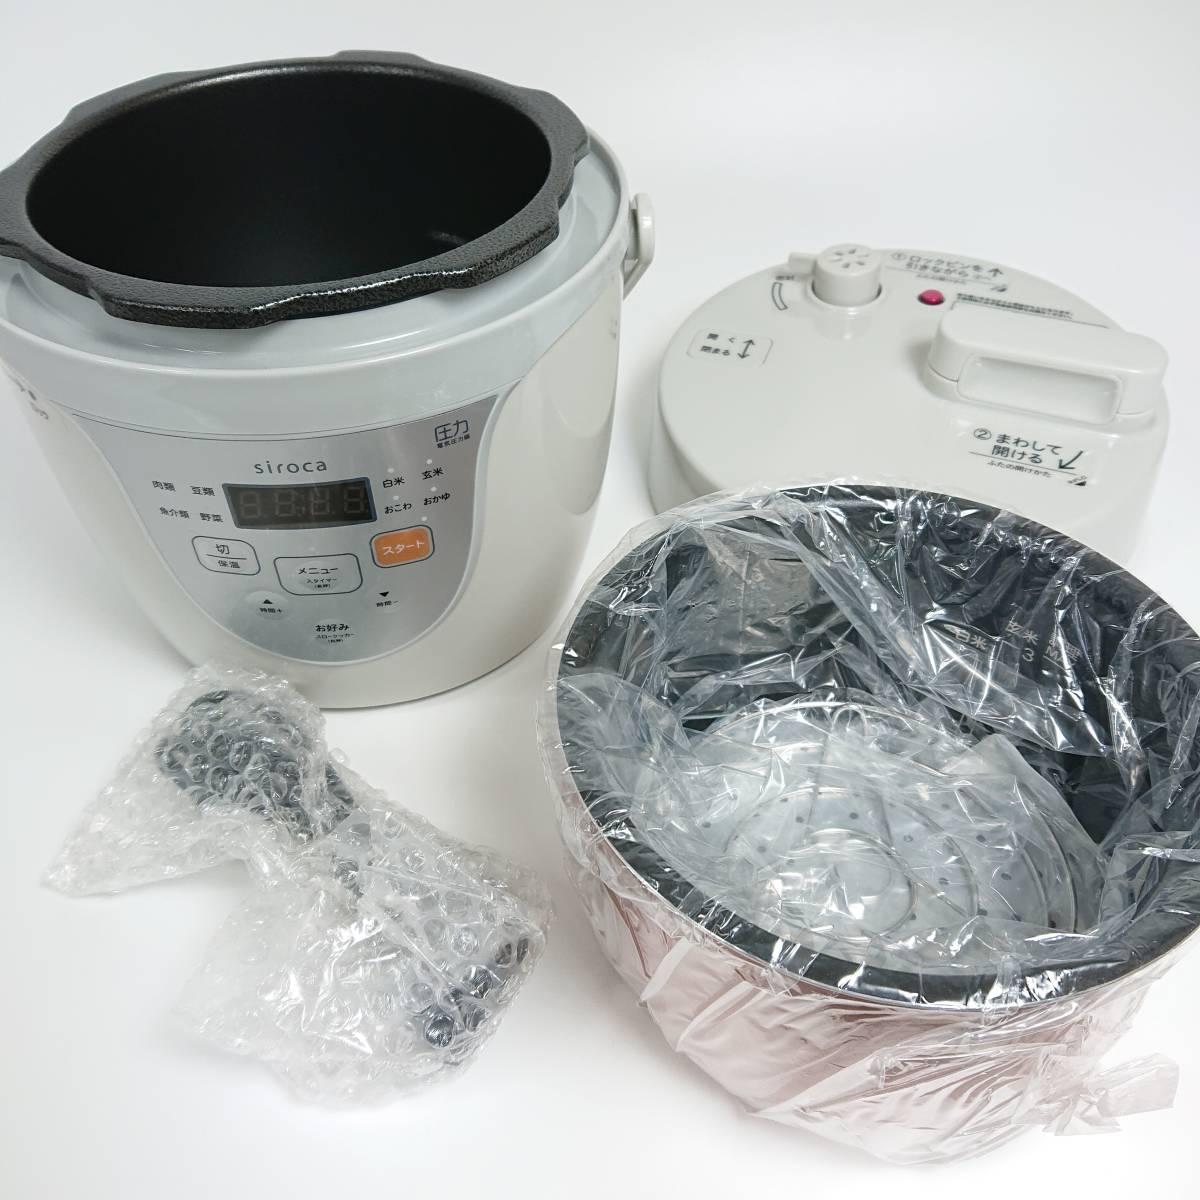 送料無料 siroca マイコン電気圧力鍋 SPC-211 新品 カレー 煮込み 料理 調理器 調理器具 鍋 圧力鍋